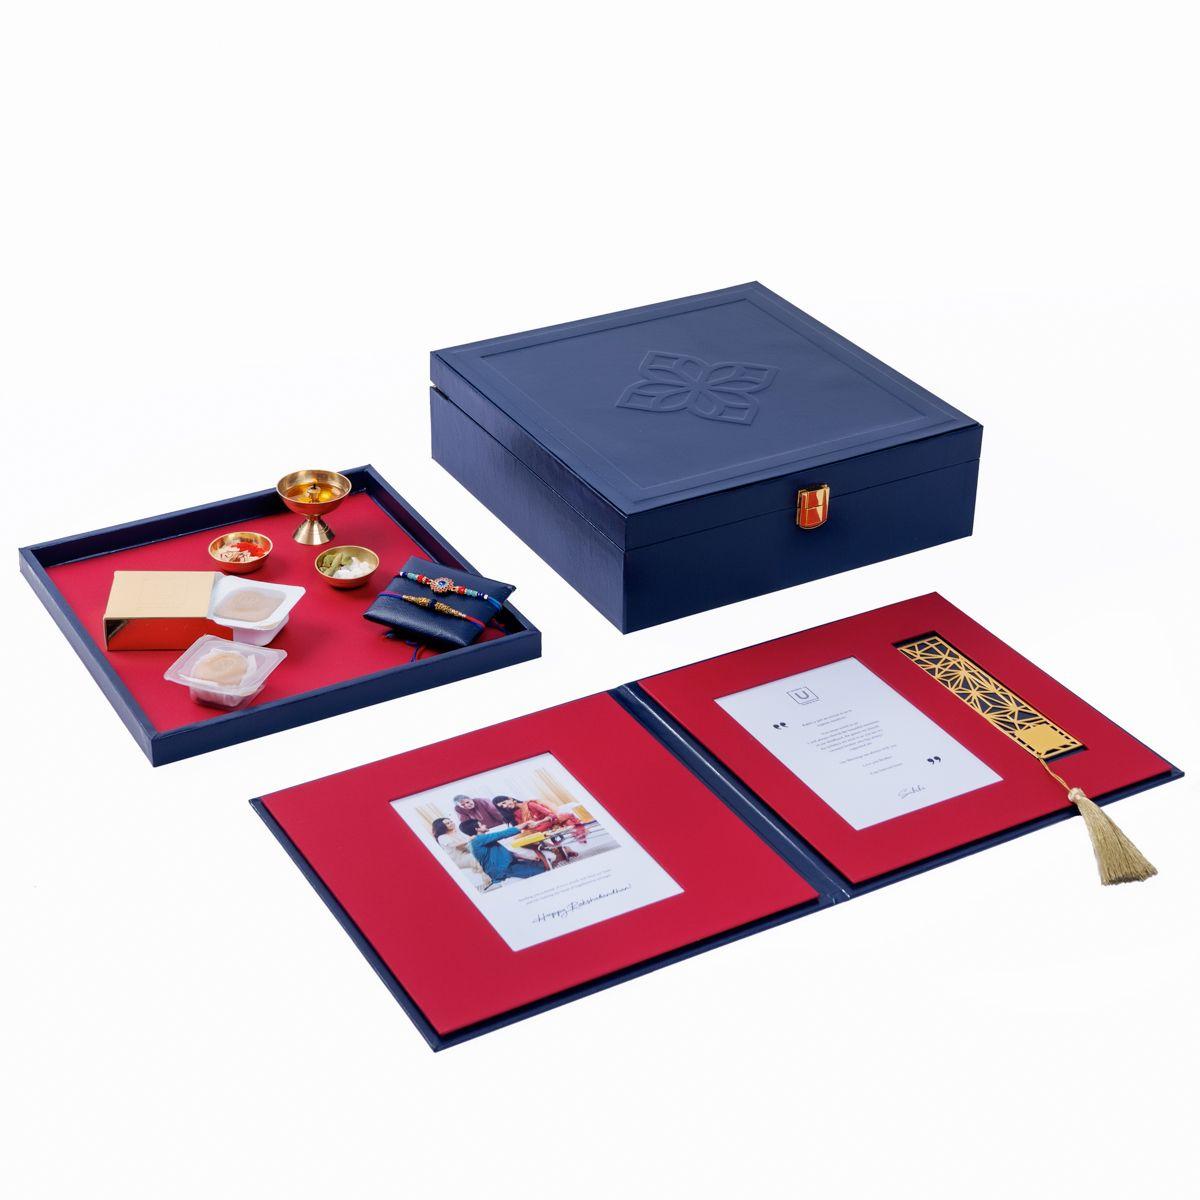 Montage Rakhi Gift Box Navy Burgundy Highline In 2020 Rakhi Gifts Rakhi Send Rakhi To India